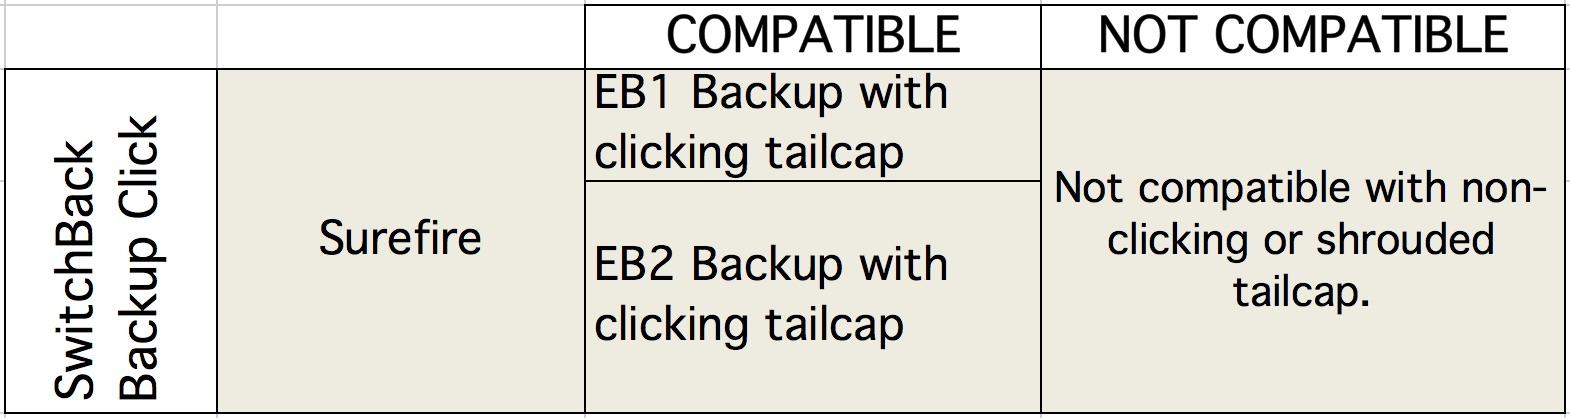 Tabella Compatibilità